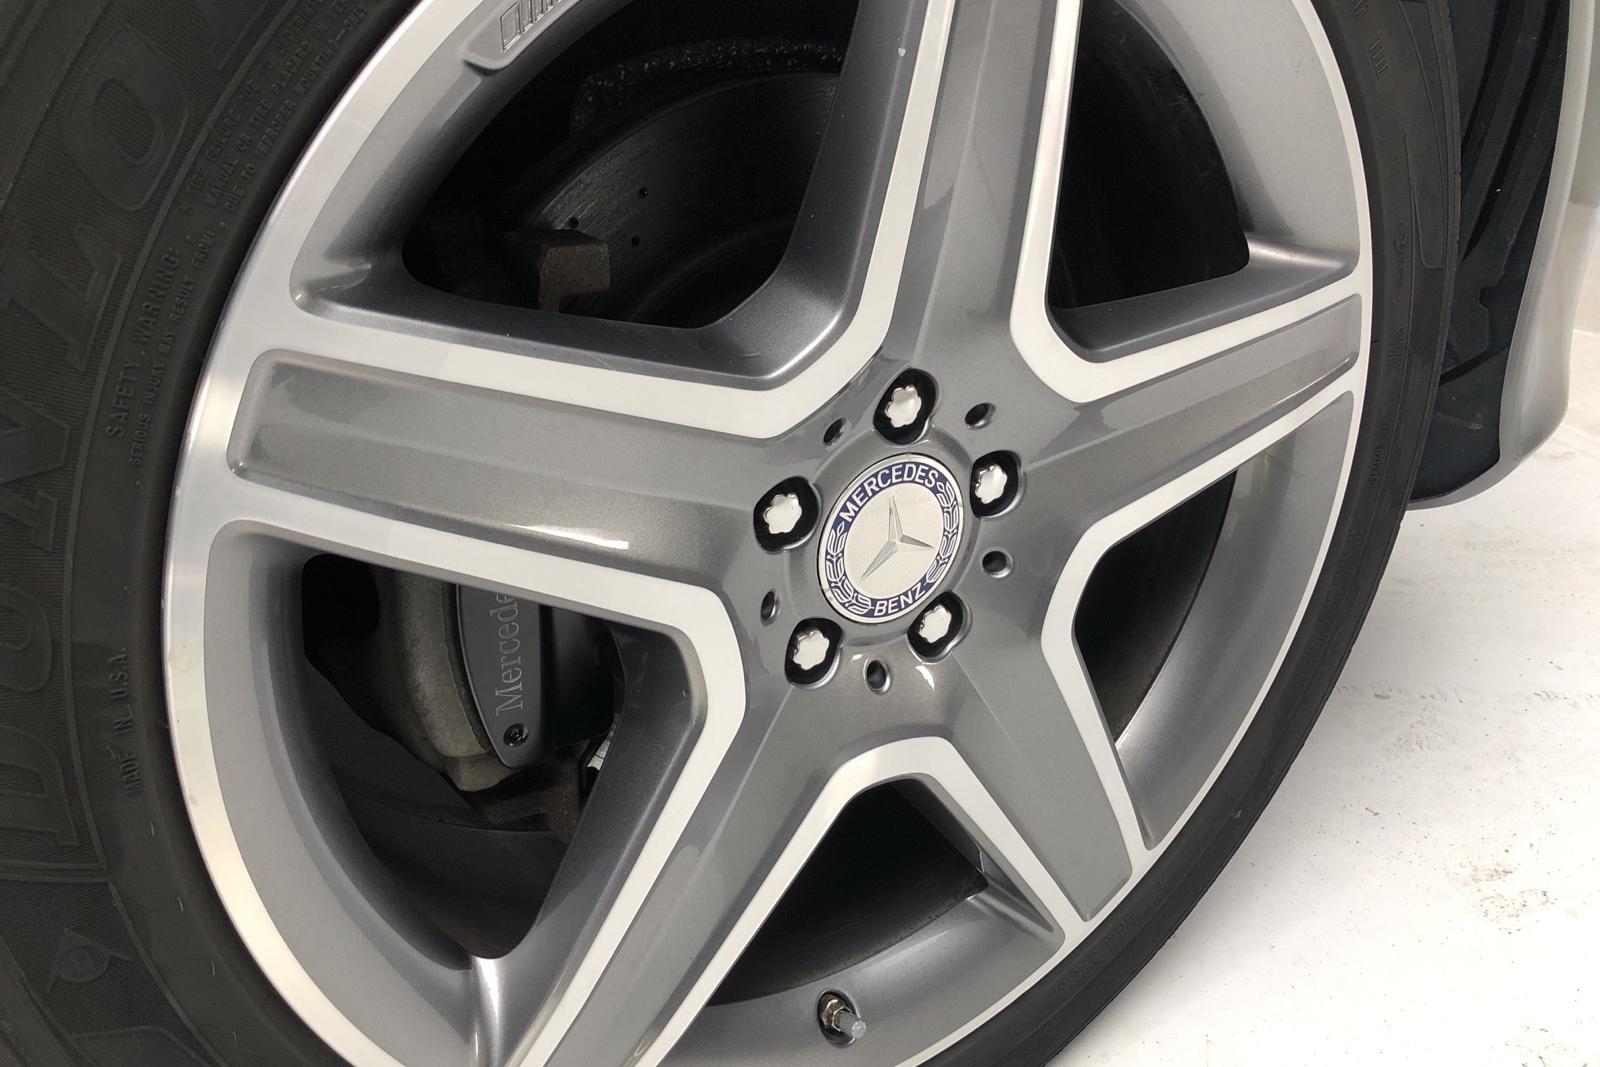 Mercedes GLE 350 d 4MATIC W166 (258hk) - 0 km - silver - 2016